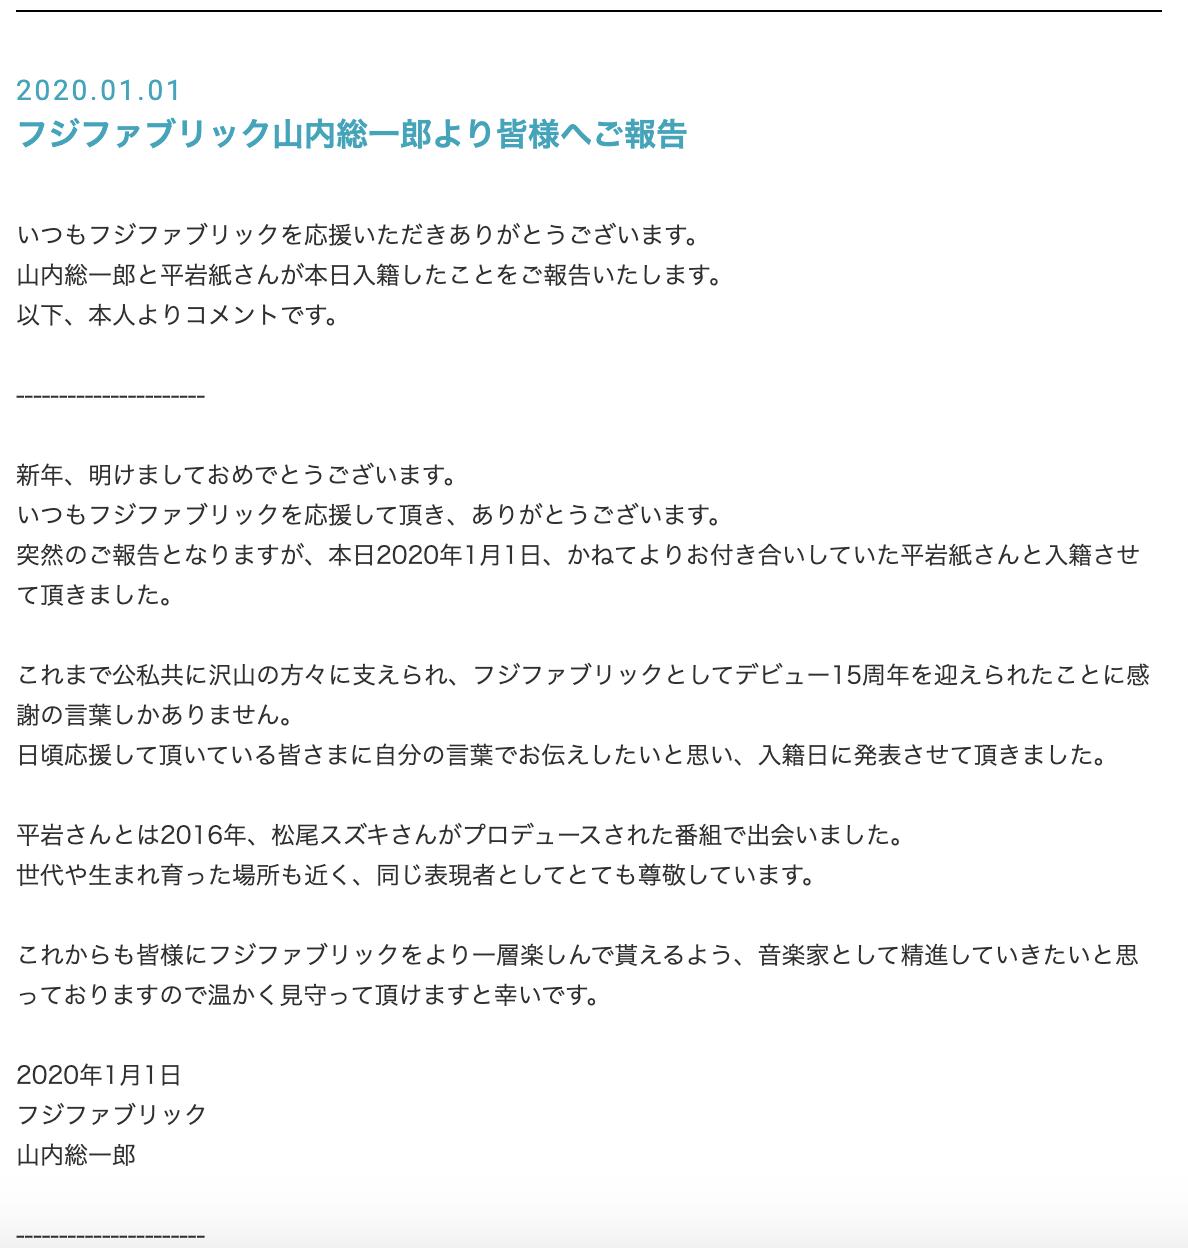 山内総一郎の結婚報告コメント全文